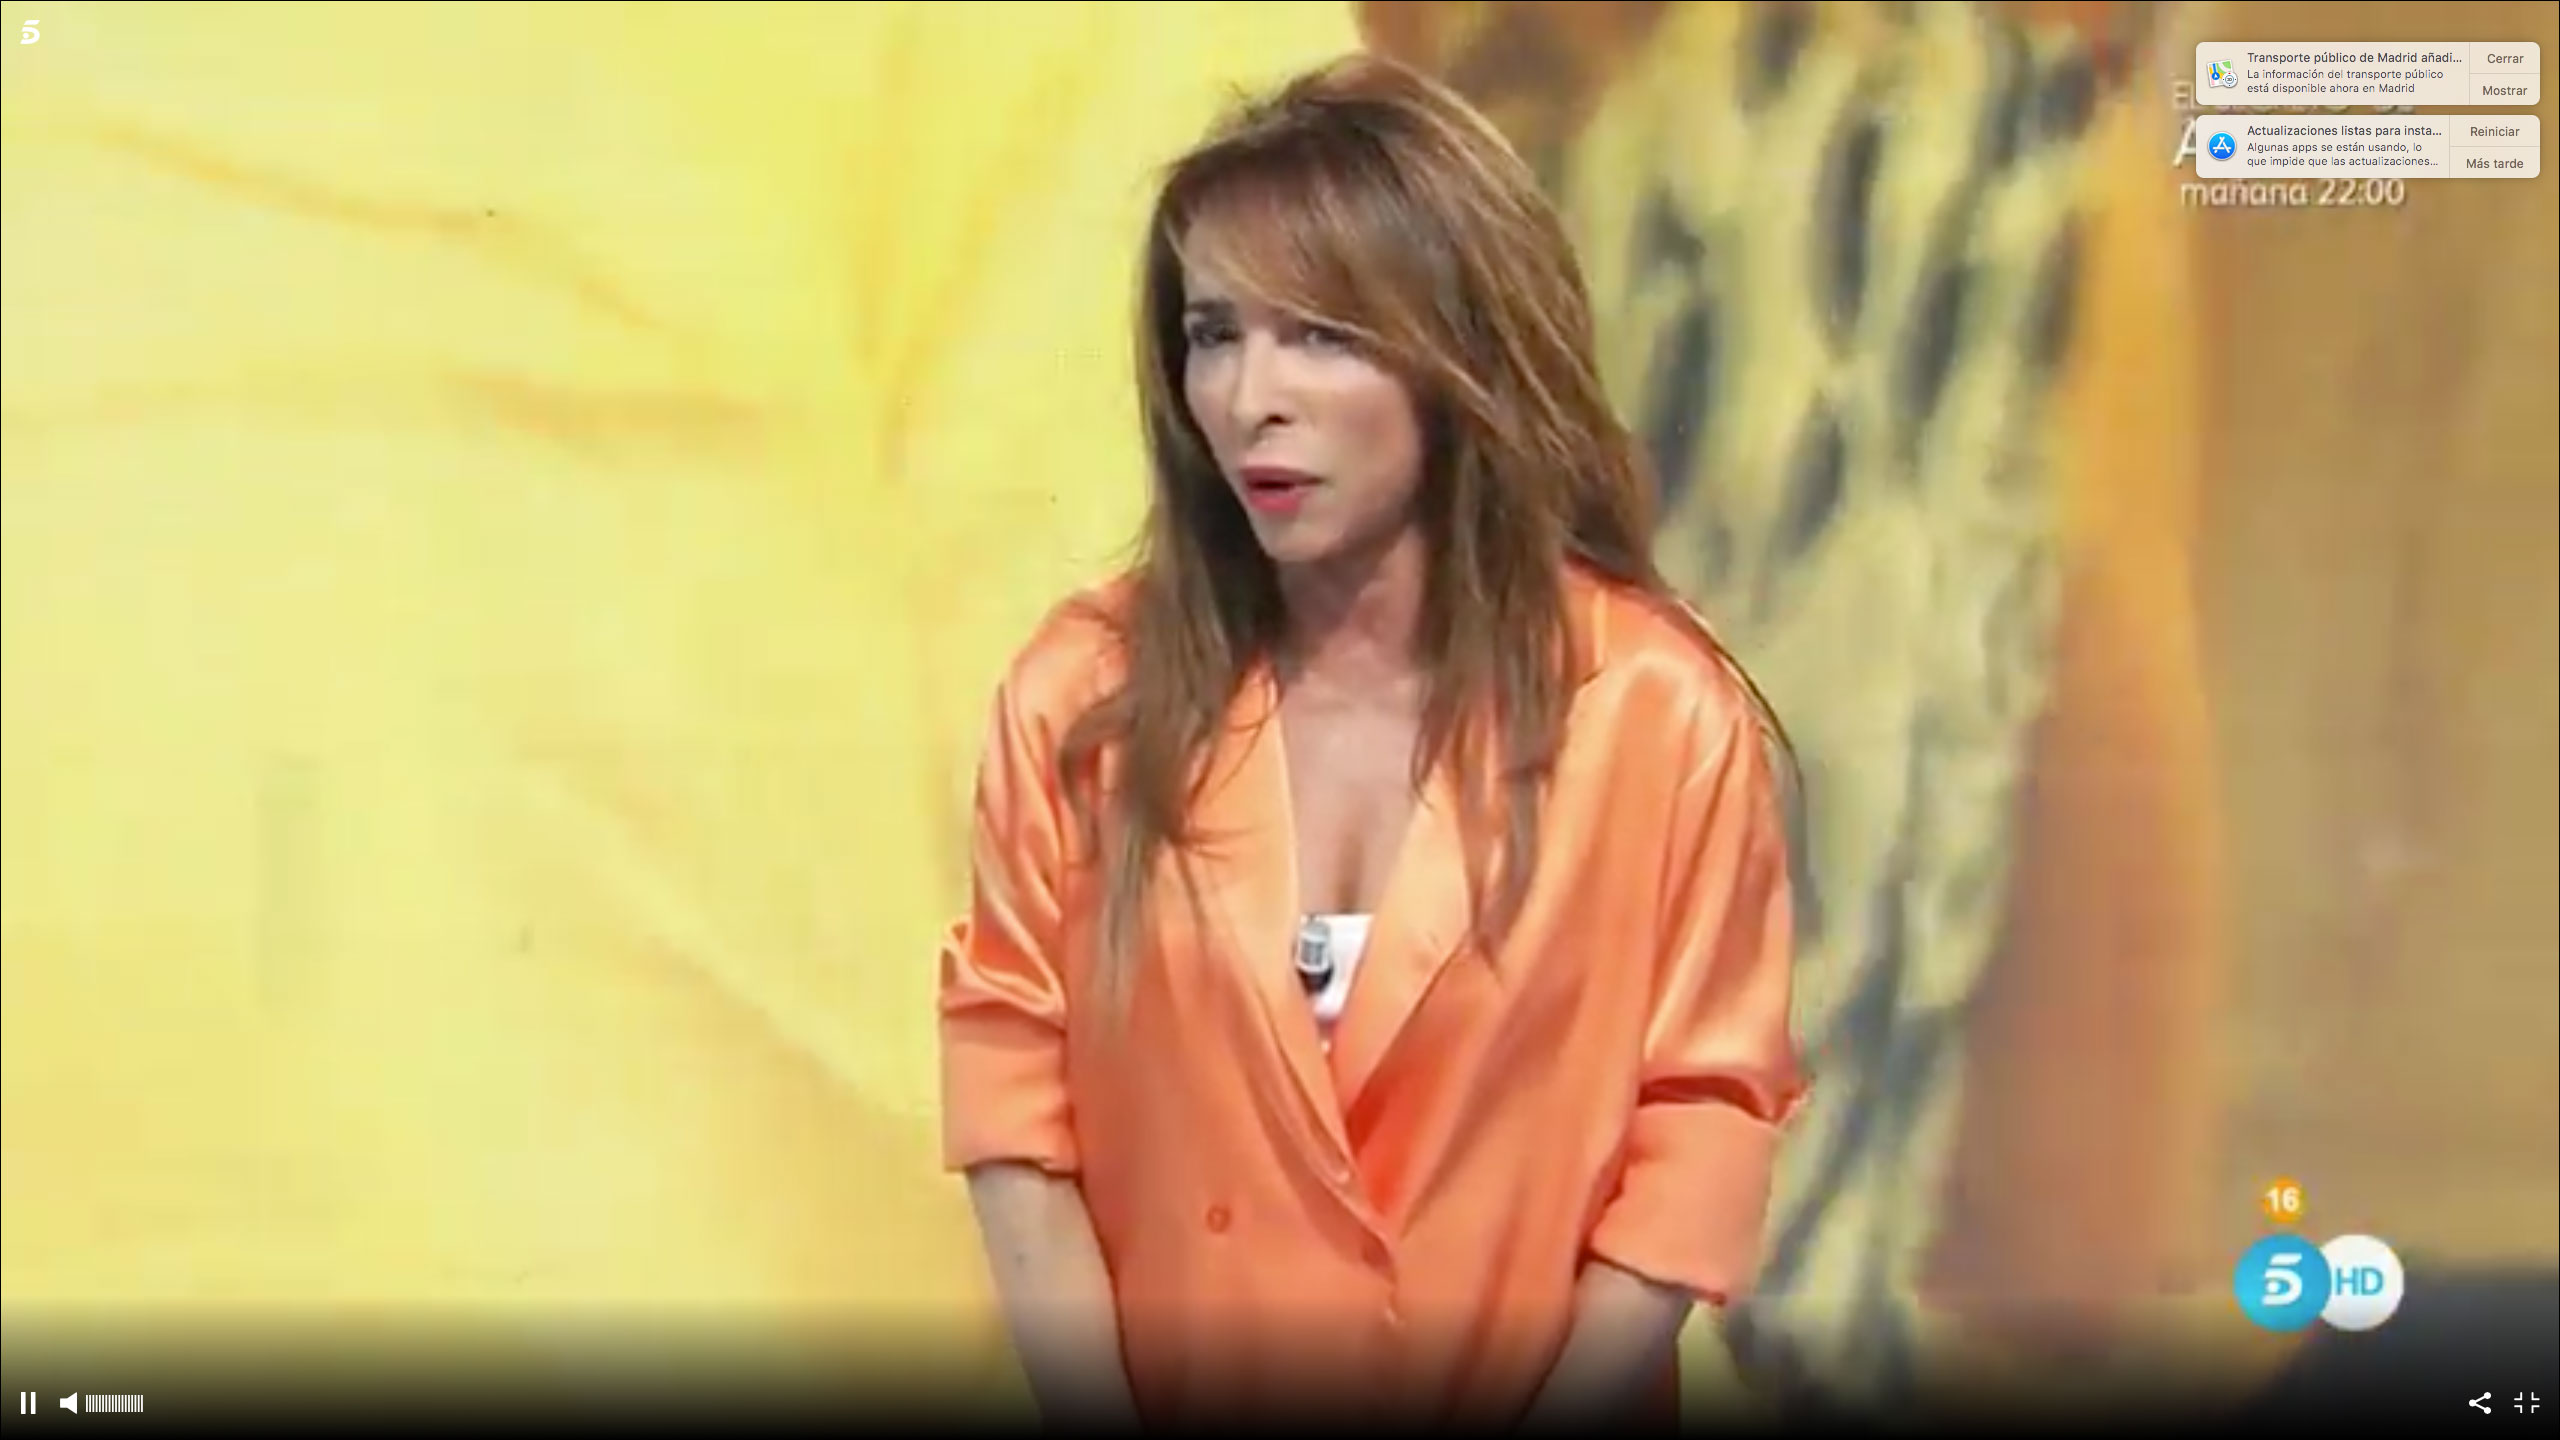 la-presentadora-ha-mostrado-su-nuevo-rostro-en-su-programa